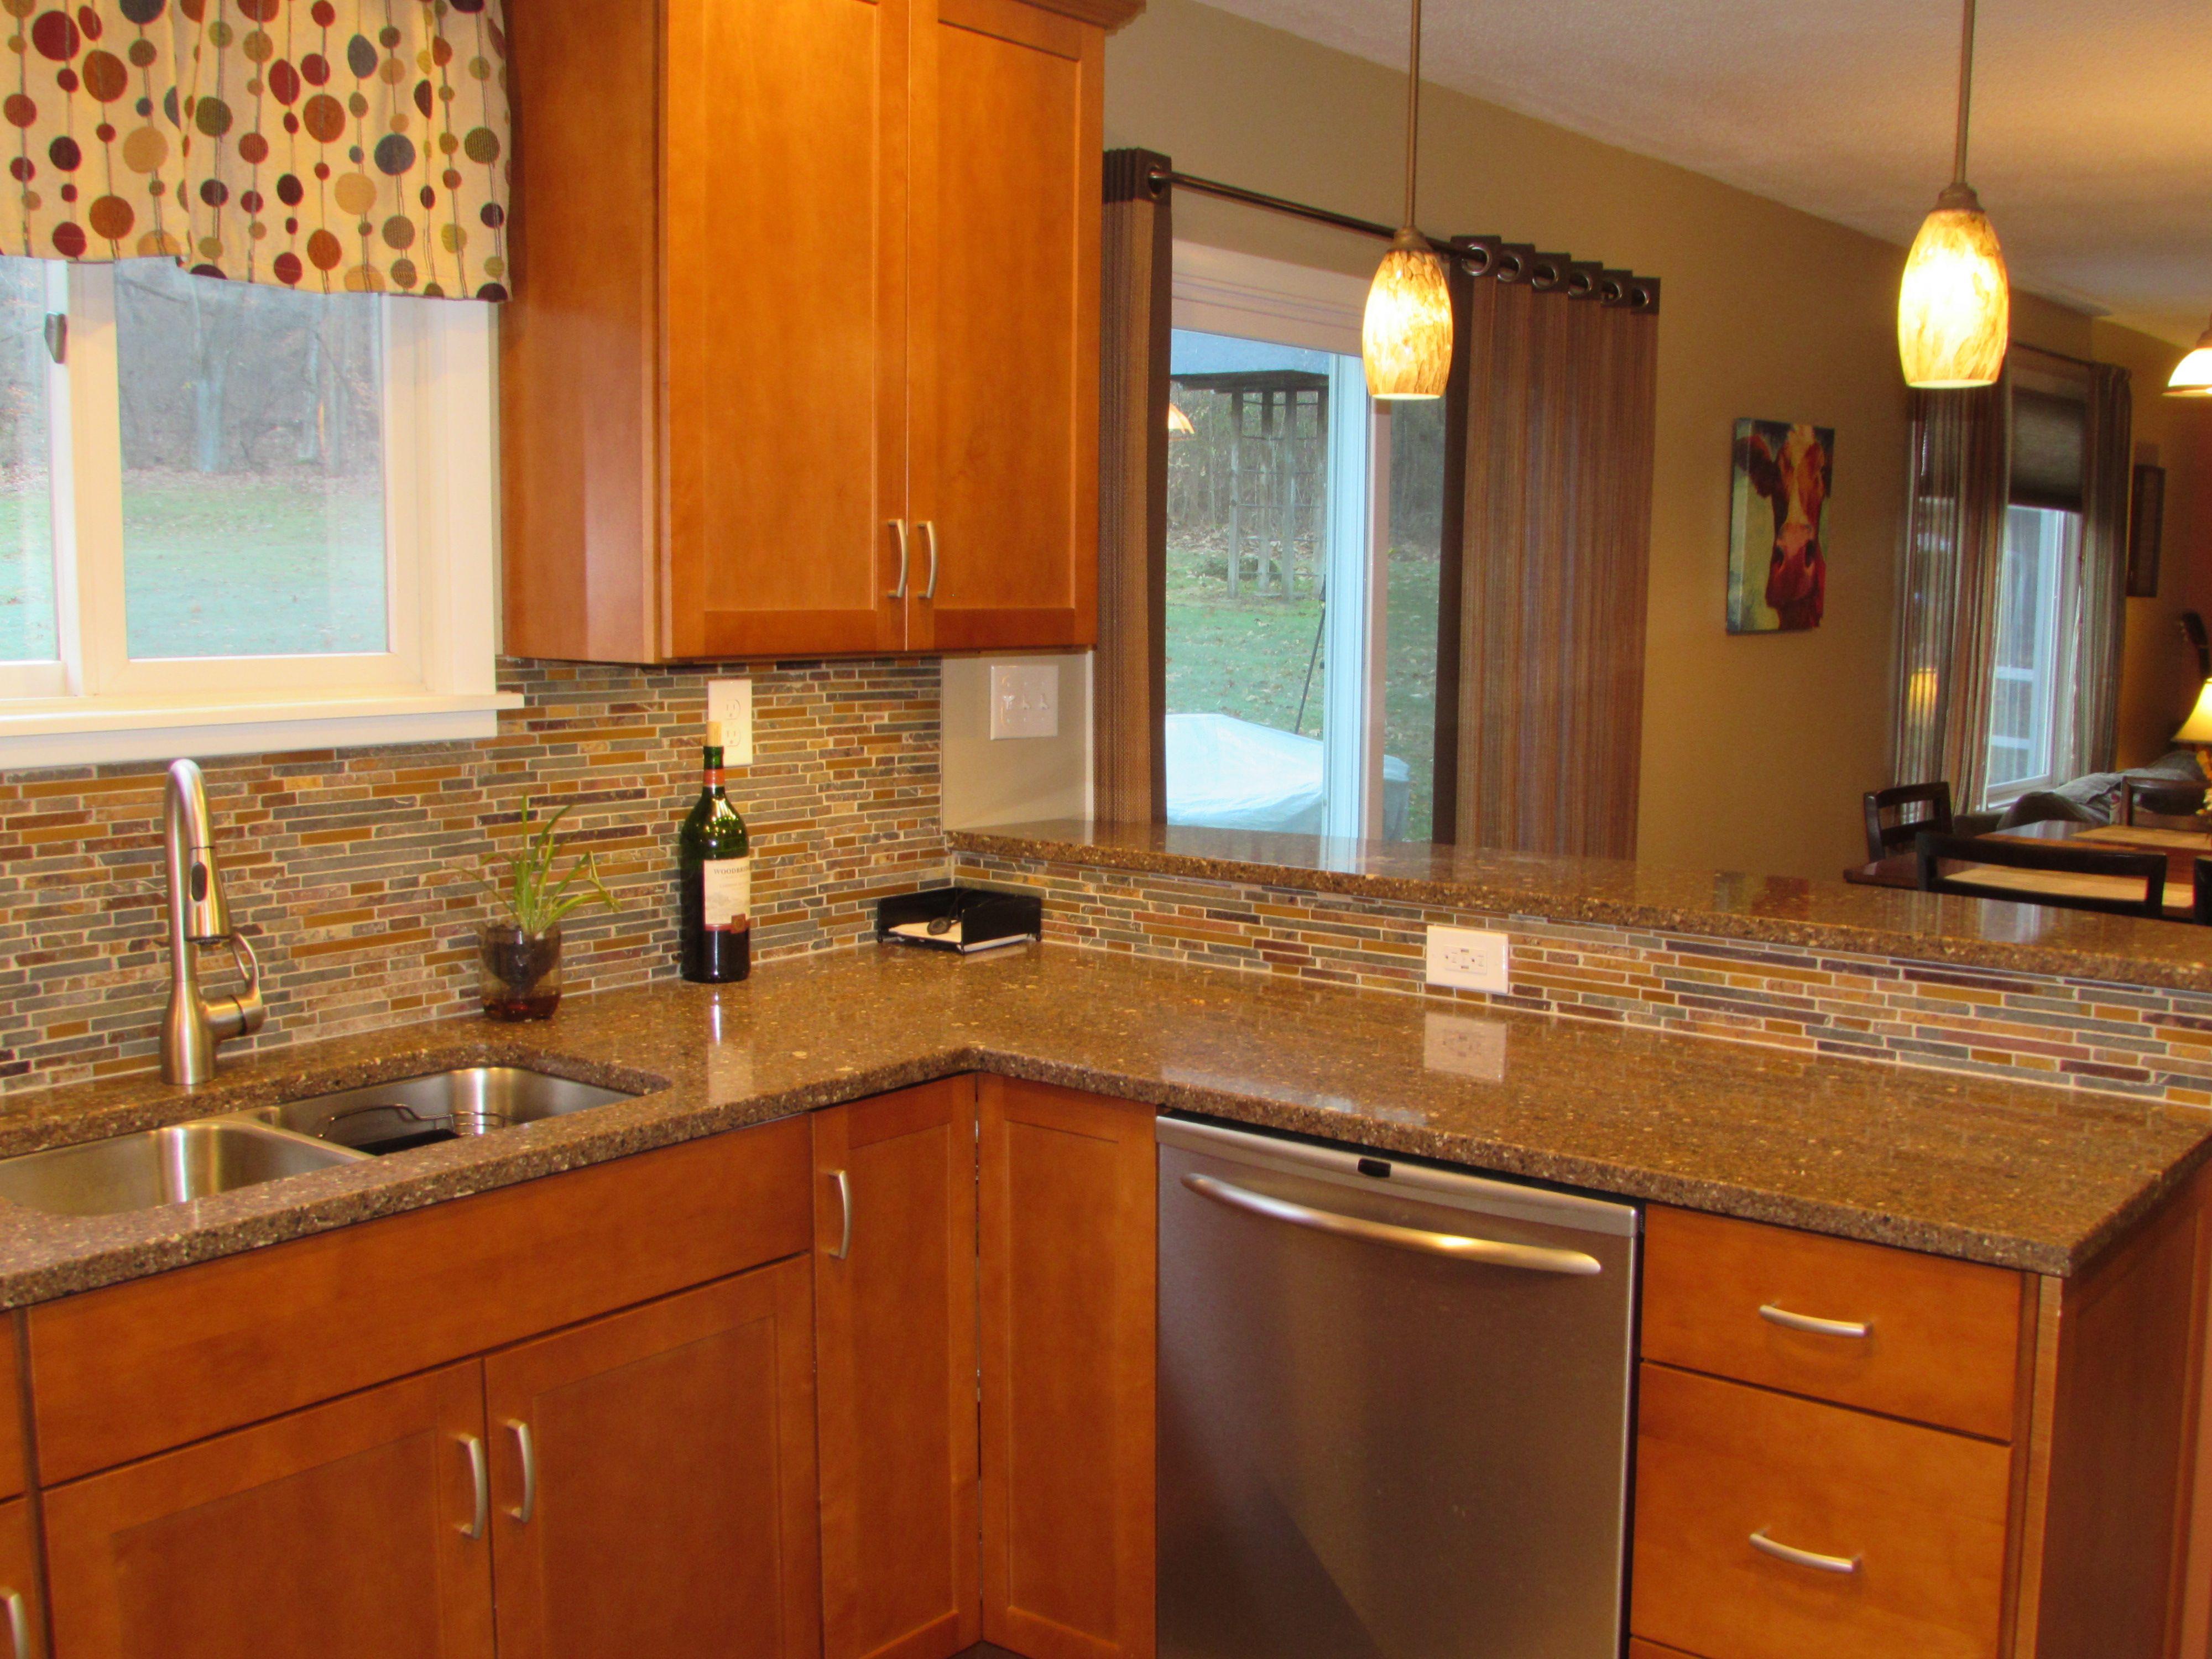 Schrock Cabinets In Maple Cattail Kitchen Remodel Custom Kitchen Cabinets Semi Custom Kitchen Cabinets